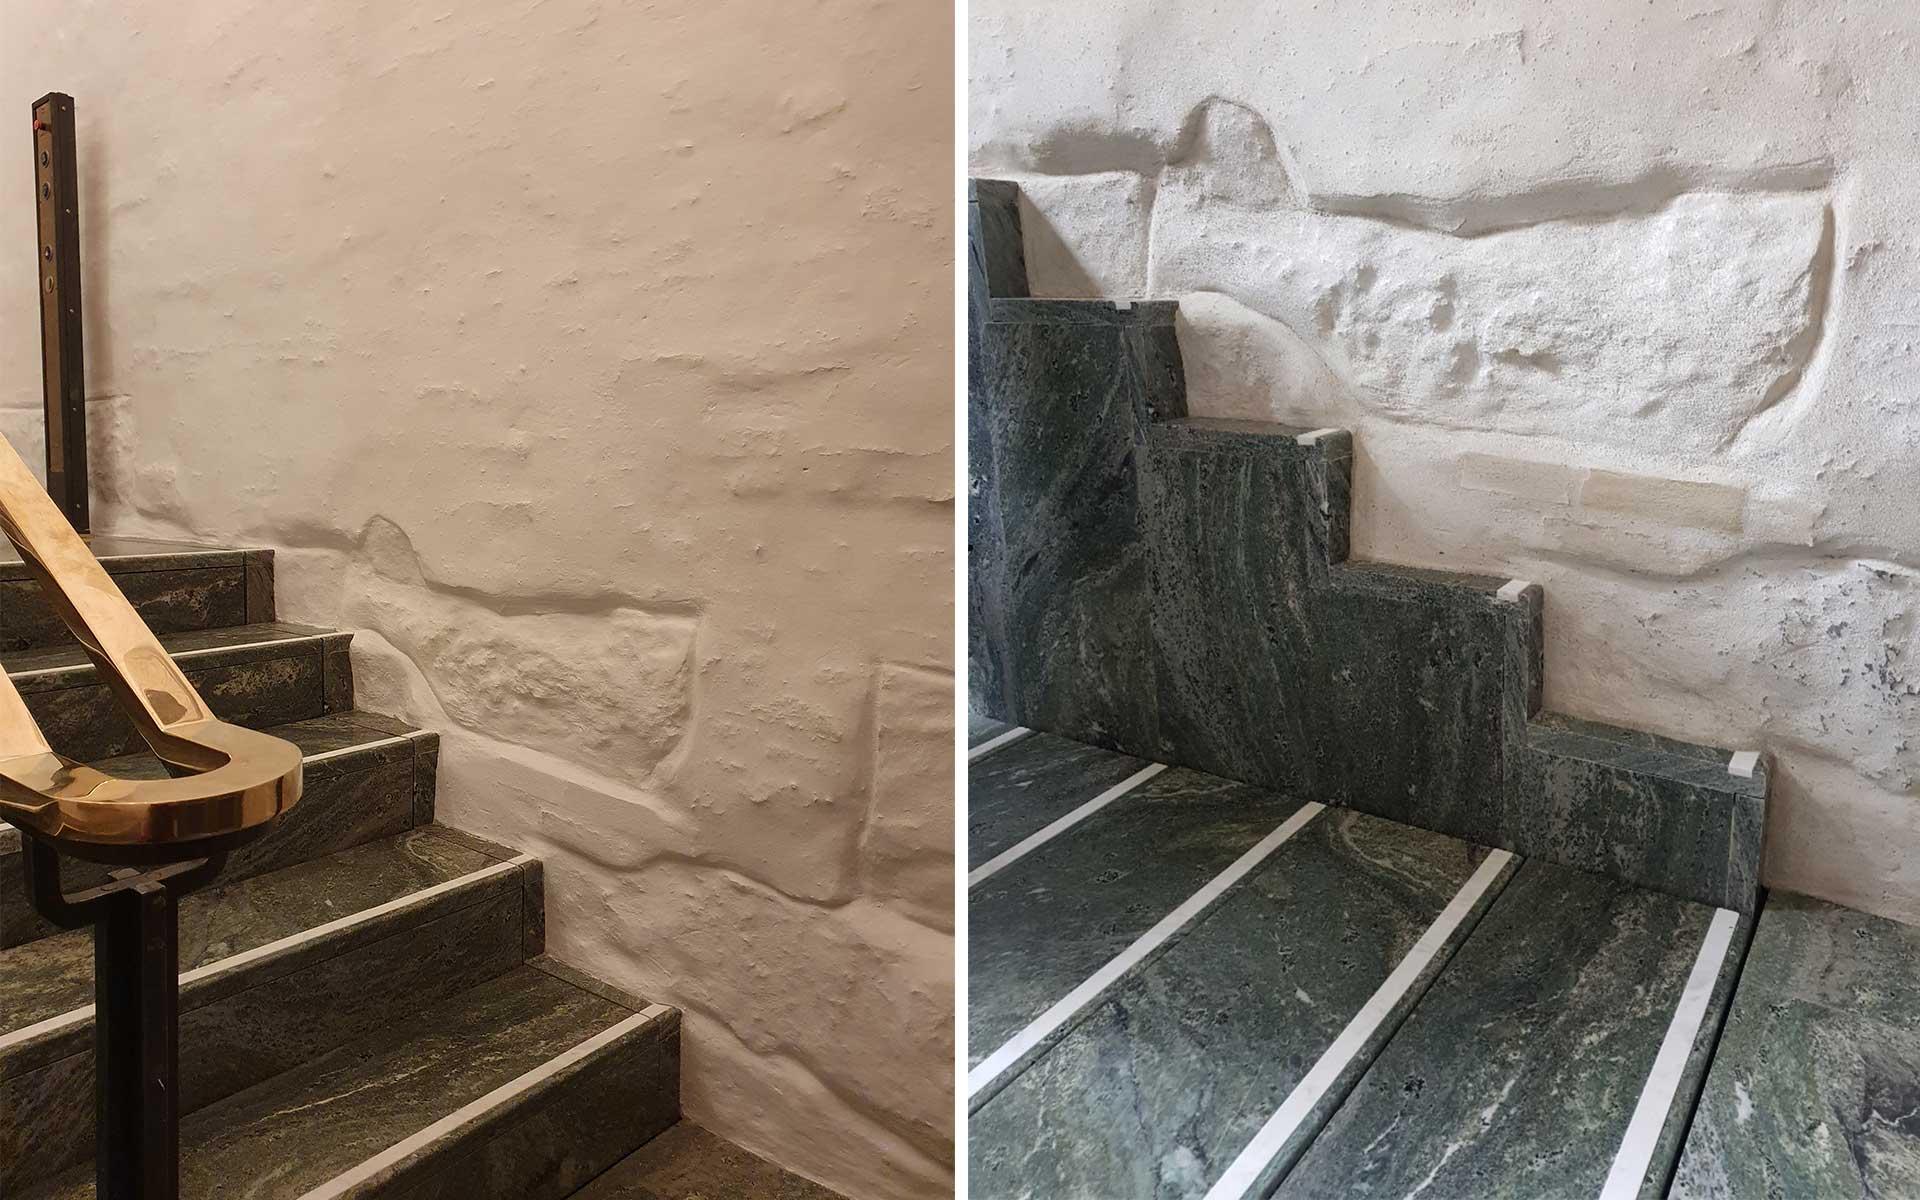 En løfteplattform er installert og blitt en del av trappen i inngangshallen